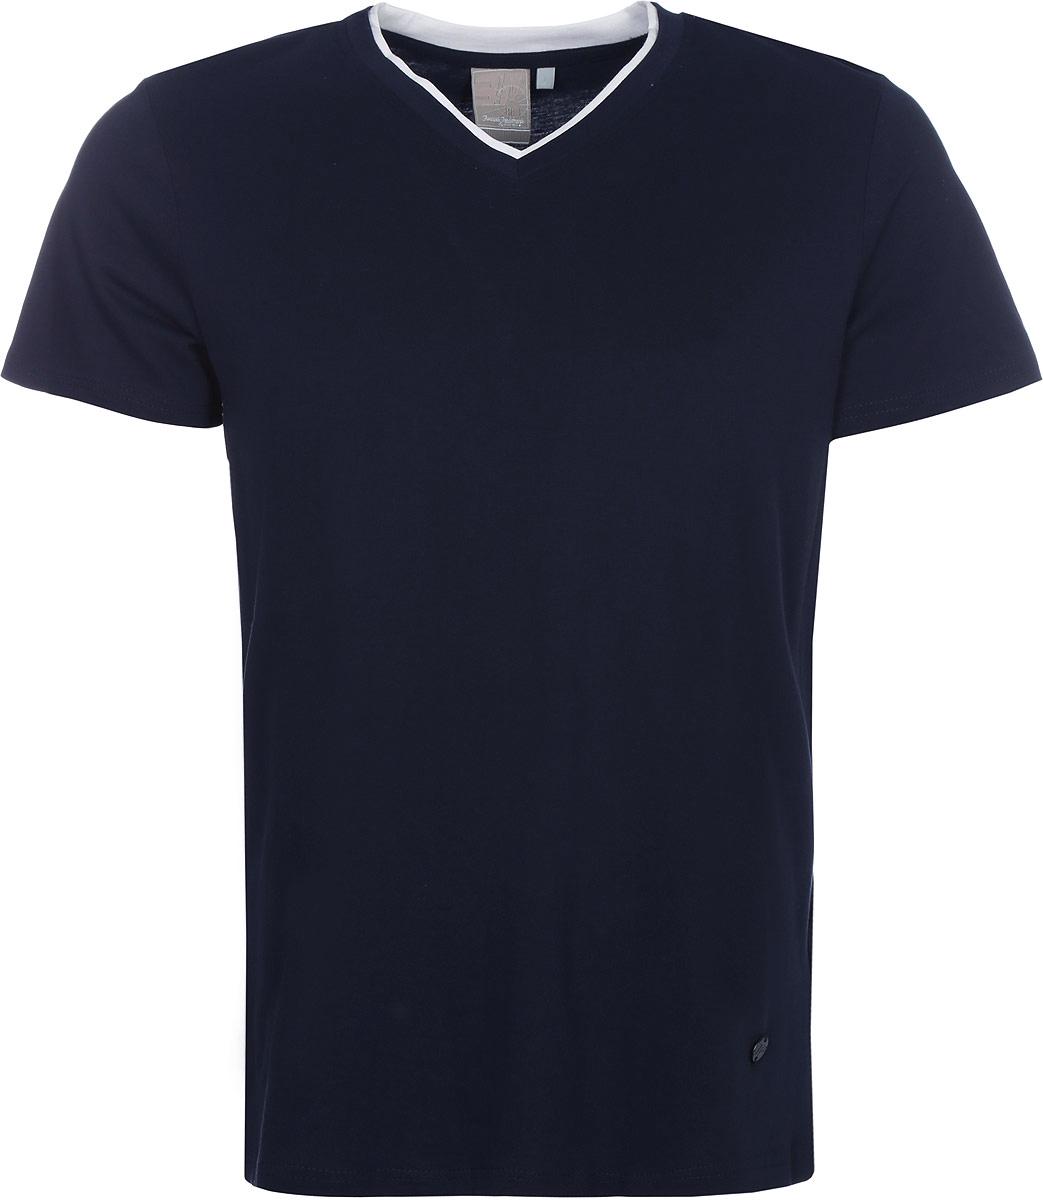 Футболка мужская Icepeak, цвет: темно-синий. 757725514IVT_390. Размер L (52)757725514IVT_390Мужская футболка Icepeak изготовлена из натурального хлопка. Модель прямого кроя выполнена с V-образной горловиной и короткими рукавами.